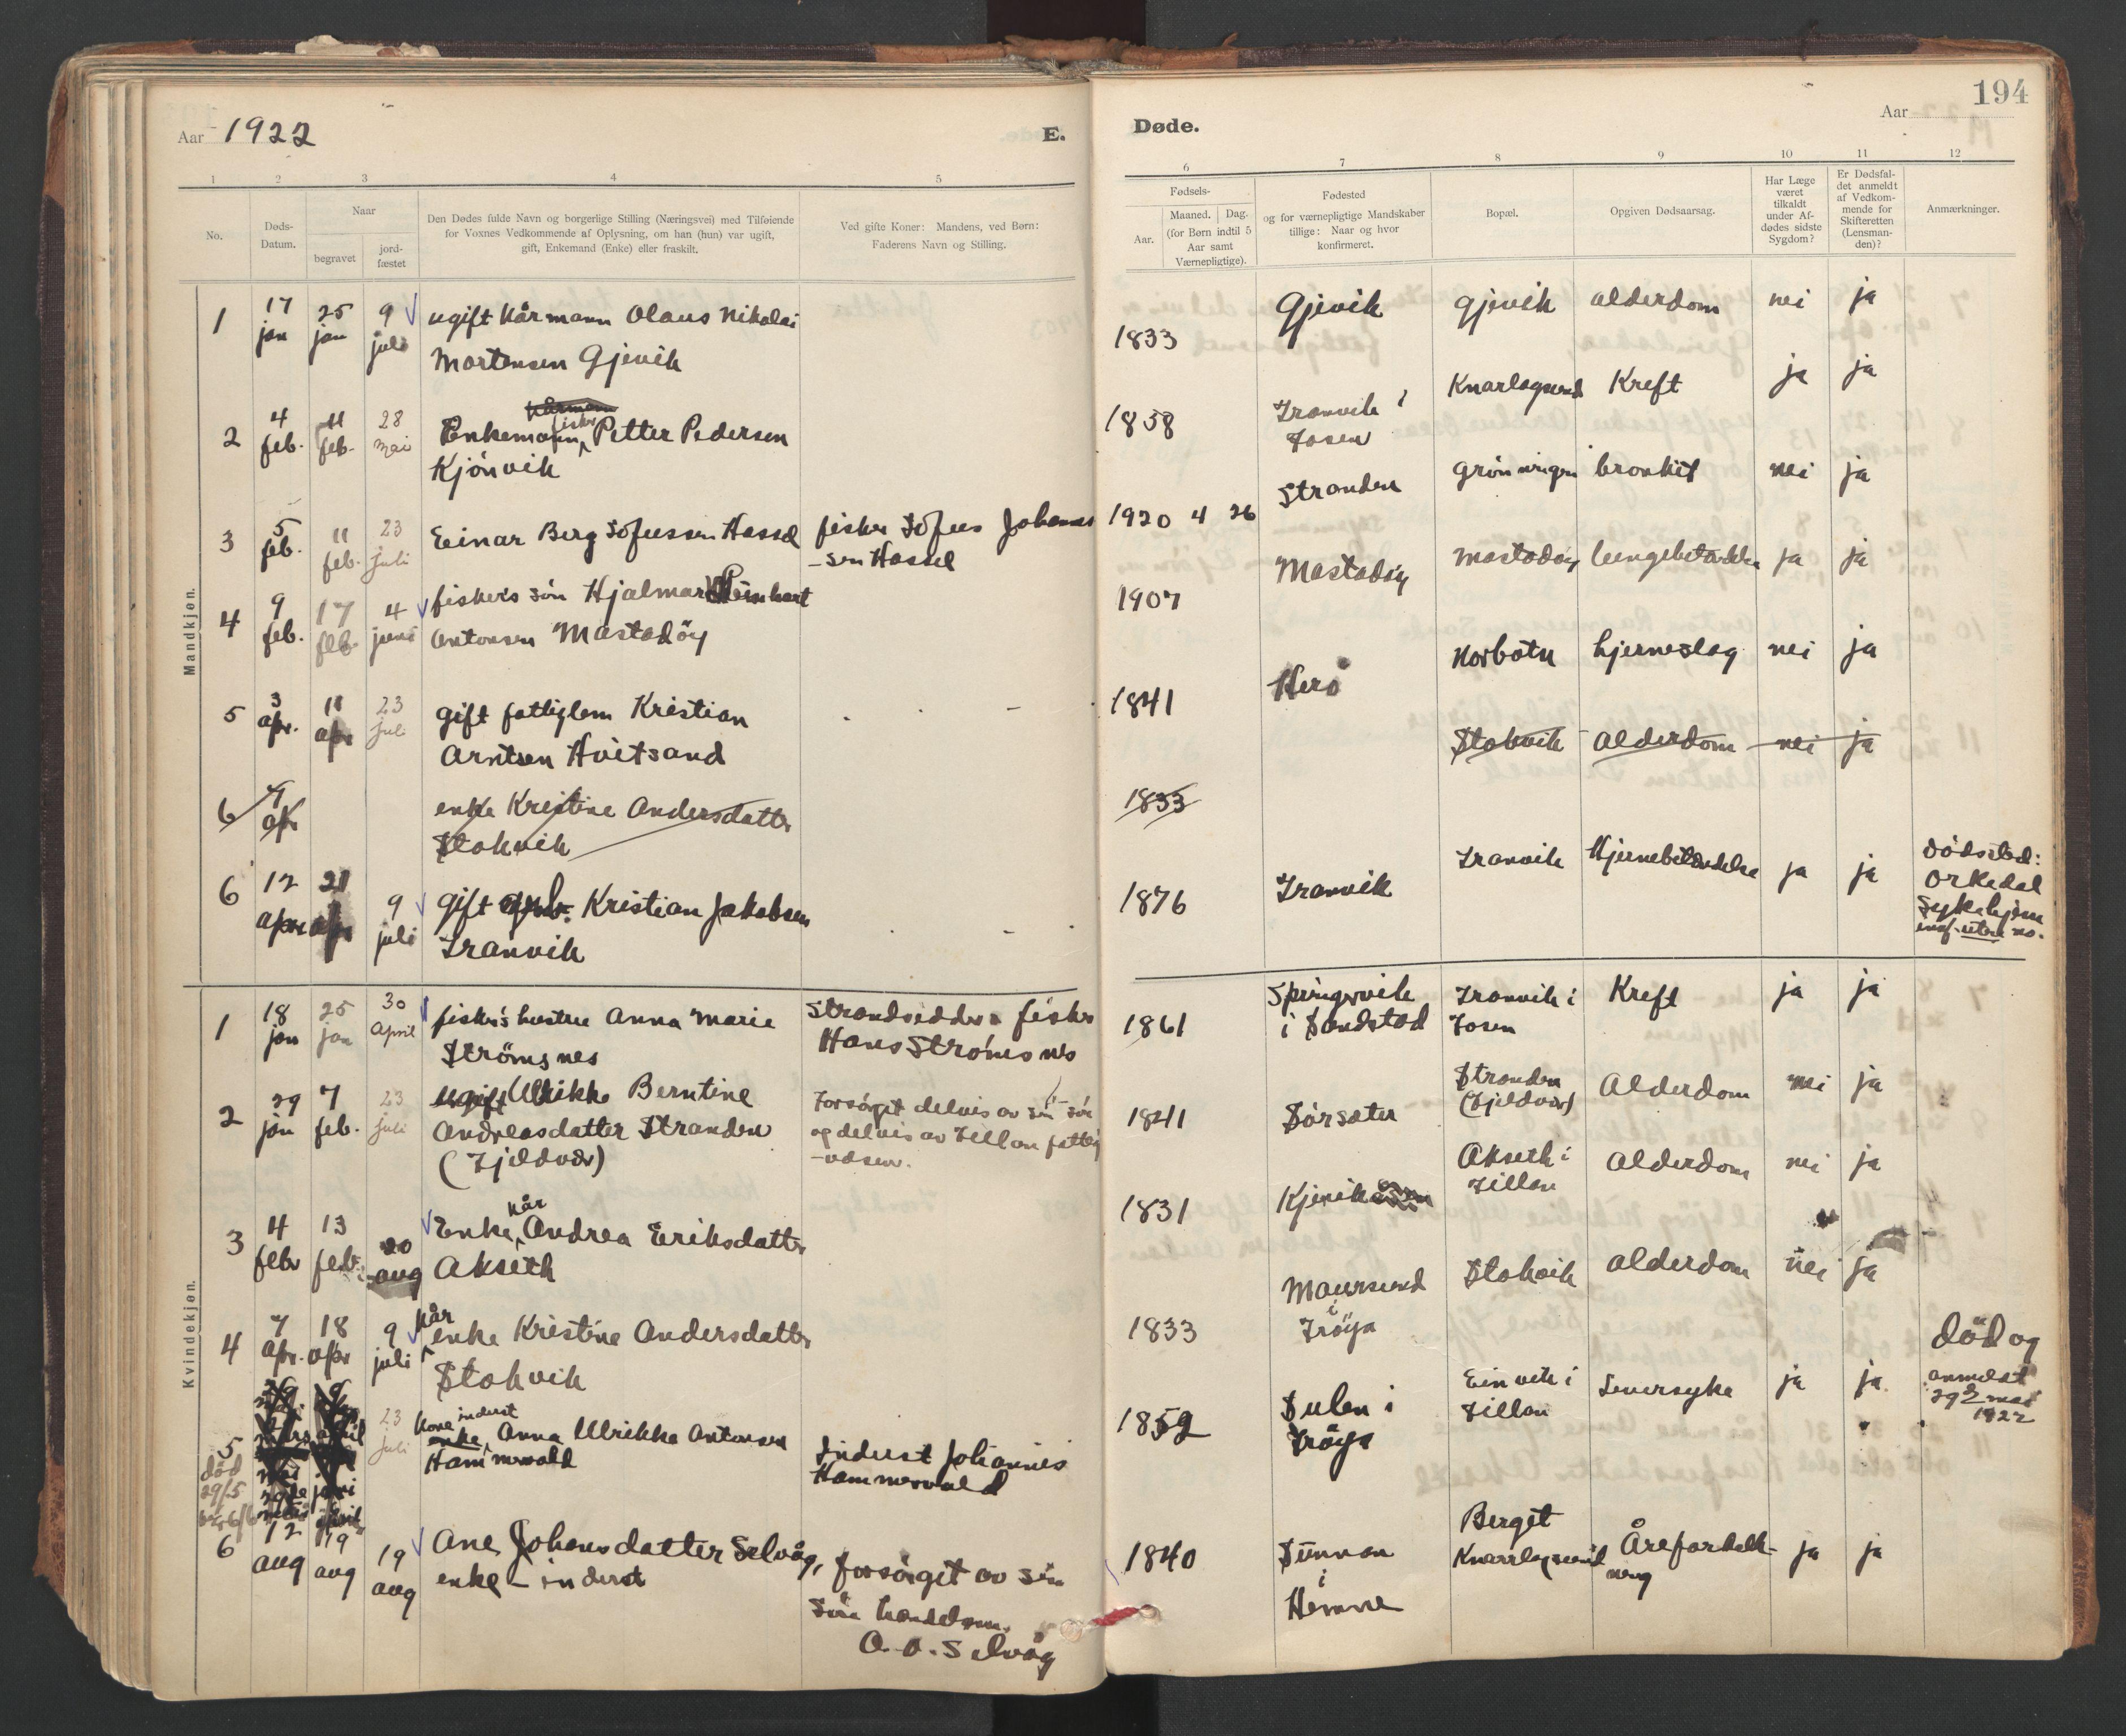 SAT, Ministerialprotokoller, klokkerbøker og fødselsregistre - Sør-Trøndelag, 637/L0559: Ministerialbok nr. 637A02, 1899-1923, s. 194